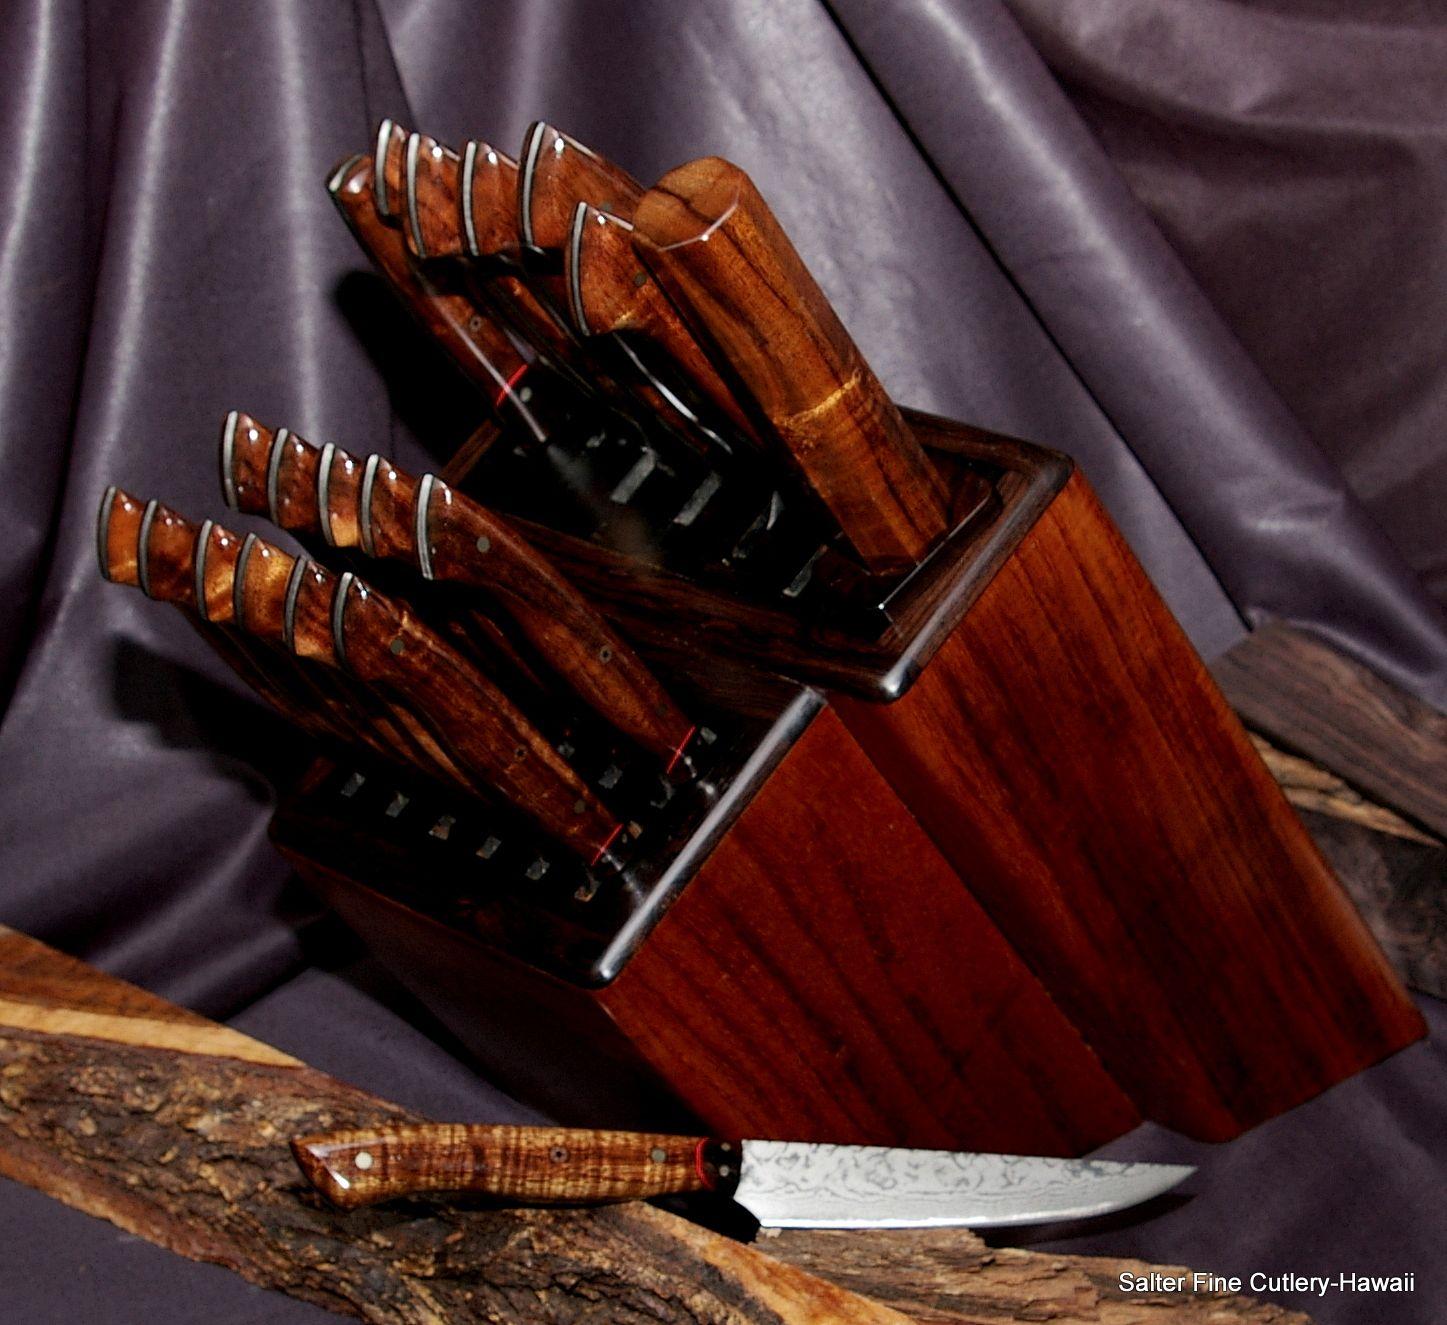 12 piece custom steak knife set with 7 piece